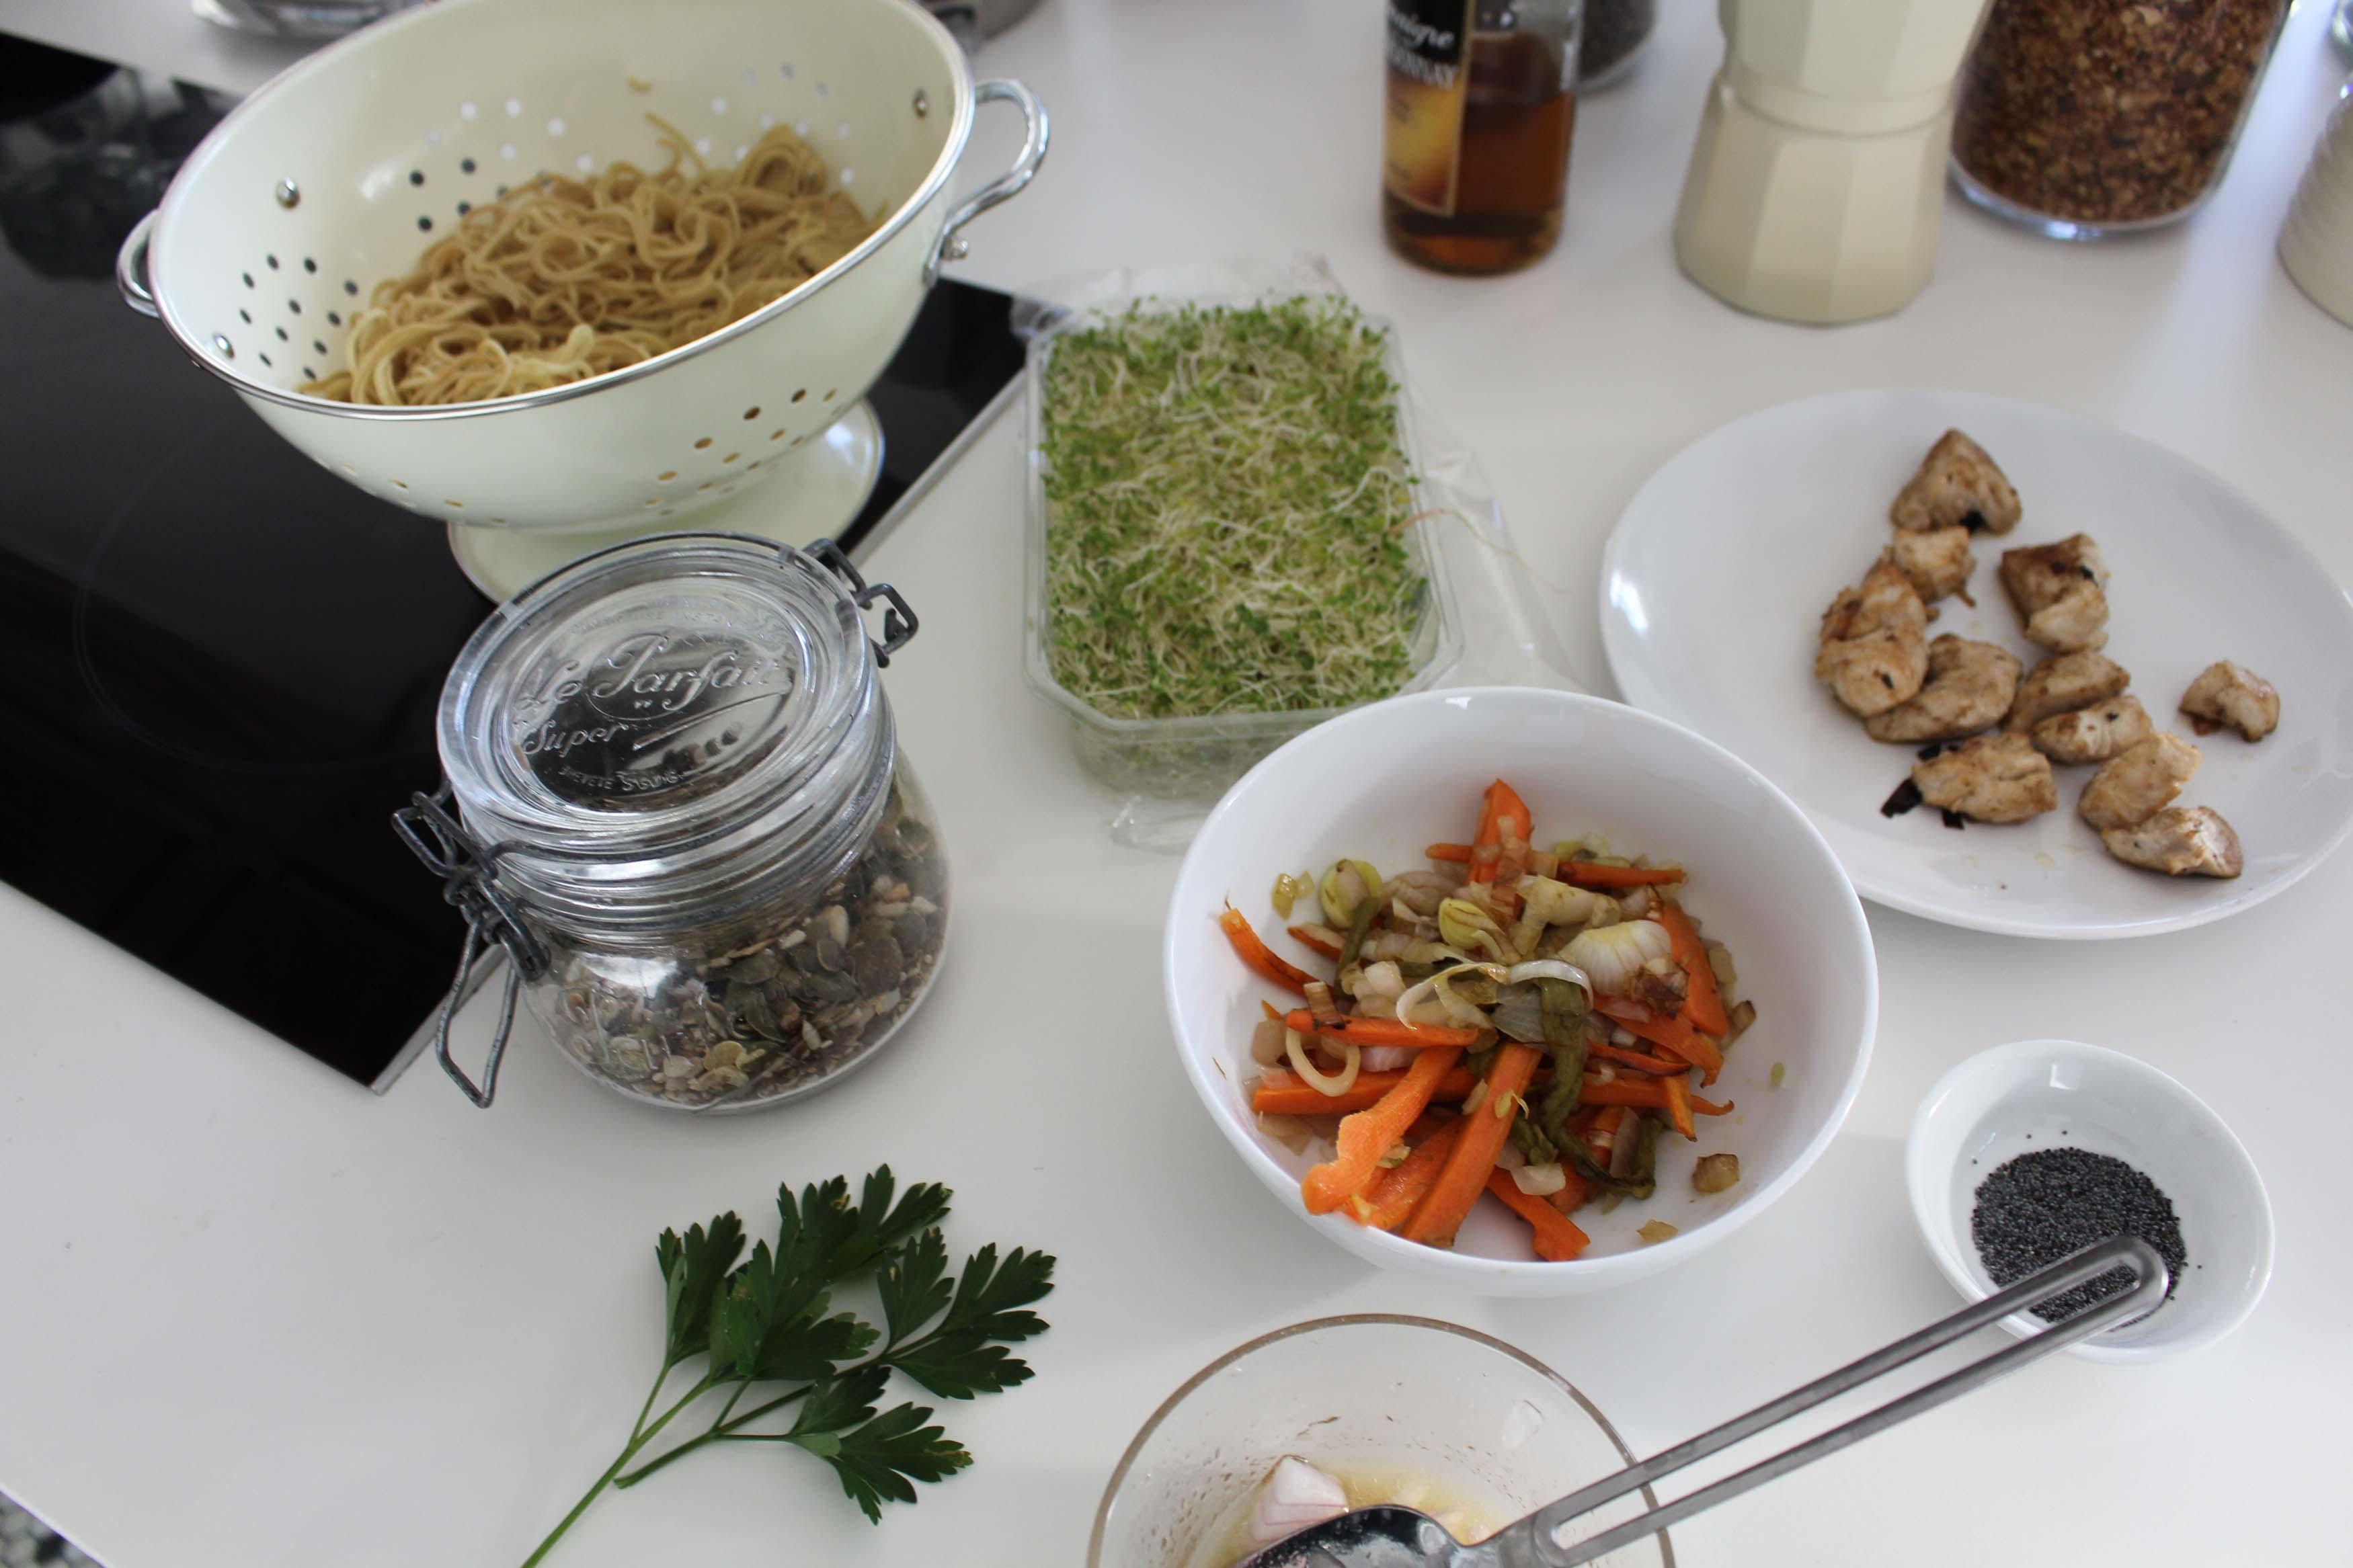 cuisine-westwing-recette-linstantflo-19-sur-27